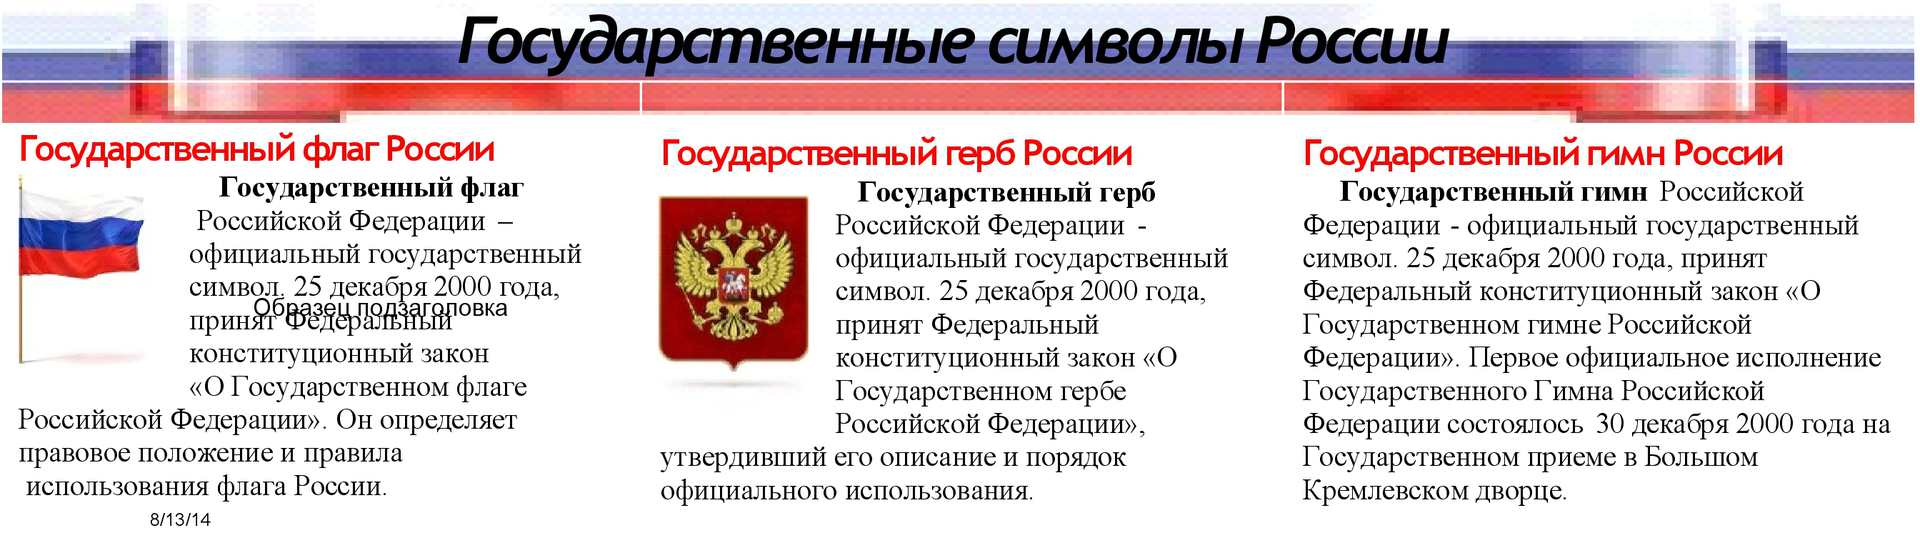 герб гимн и флаг российской федерации описание порядок использования меру